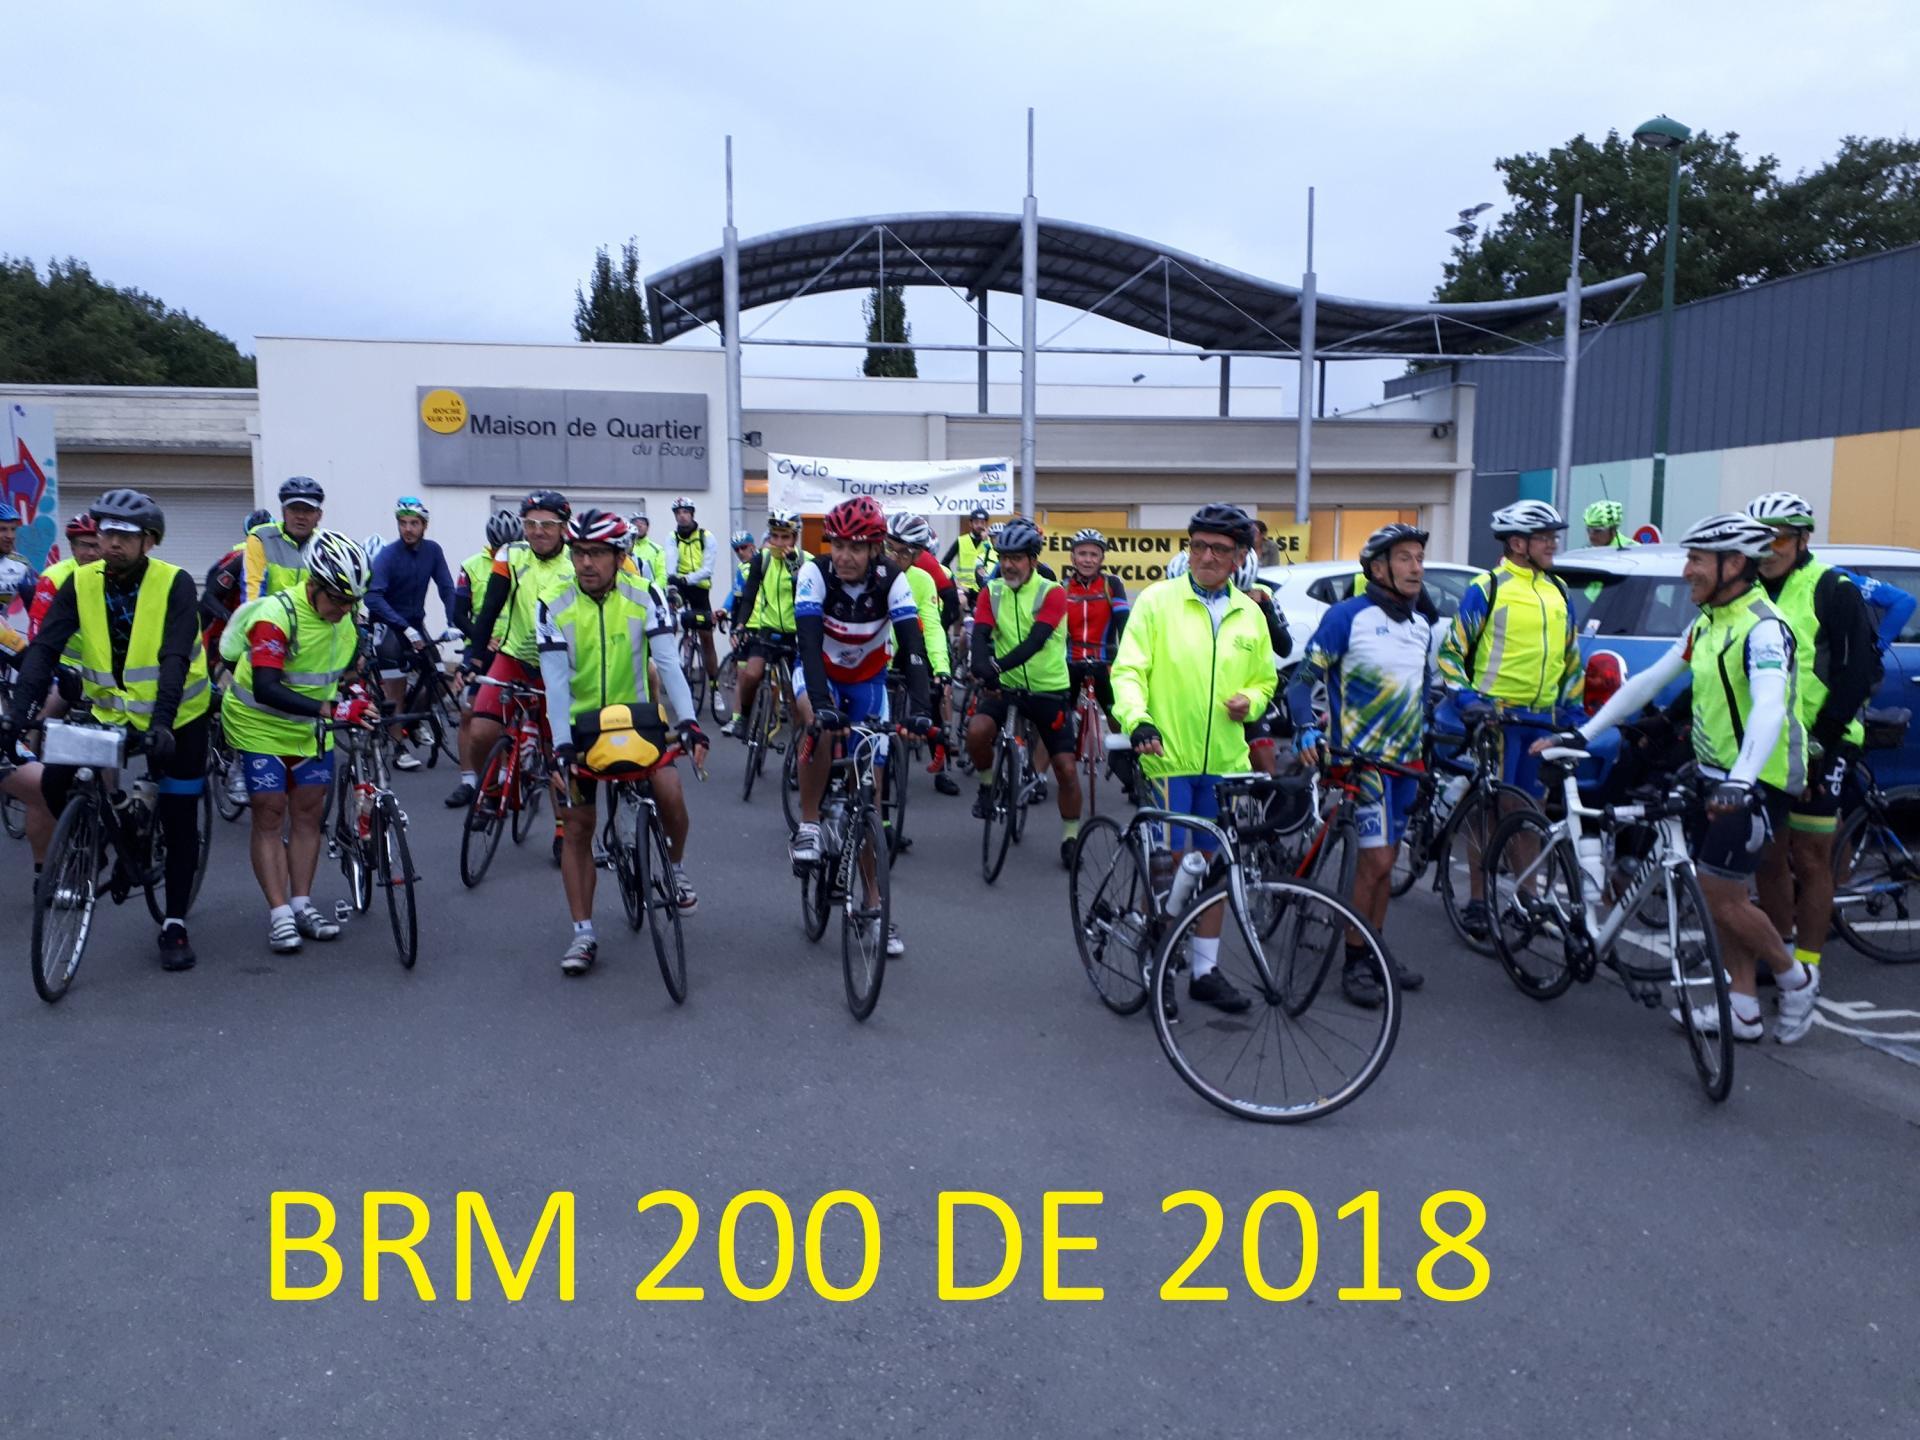 BRM 200 DU CLUB